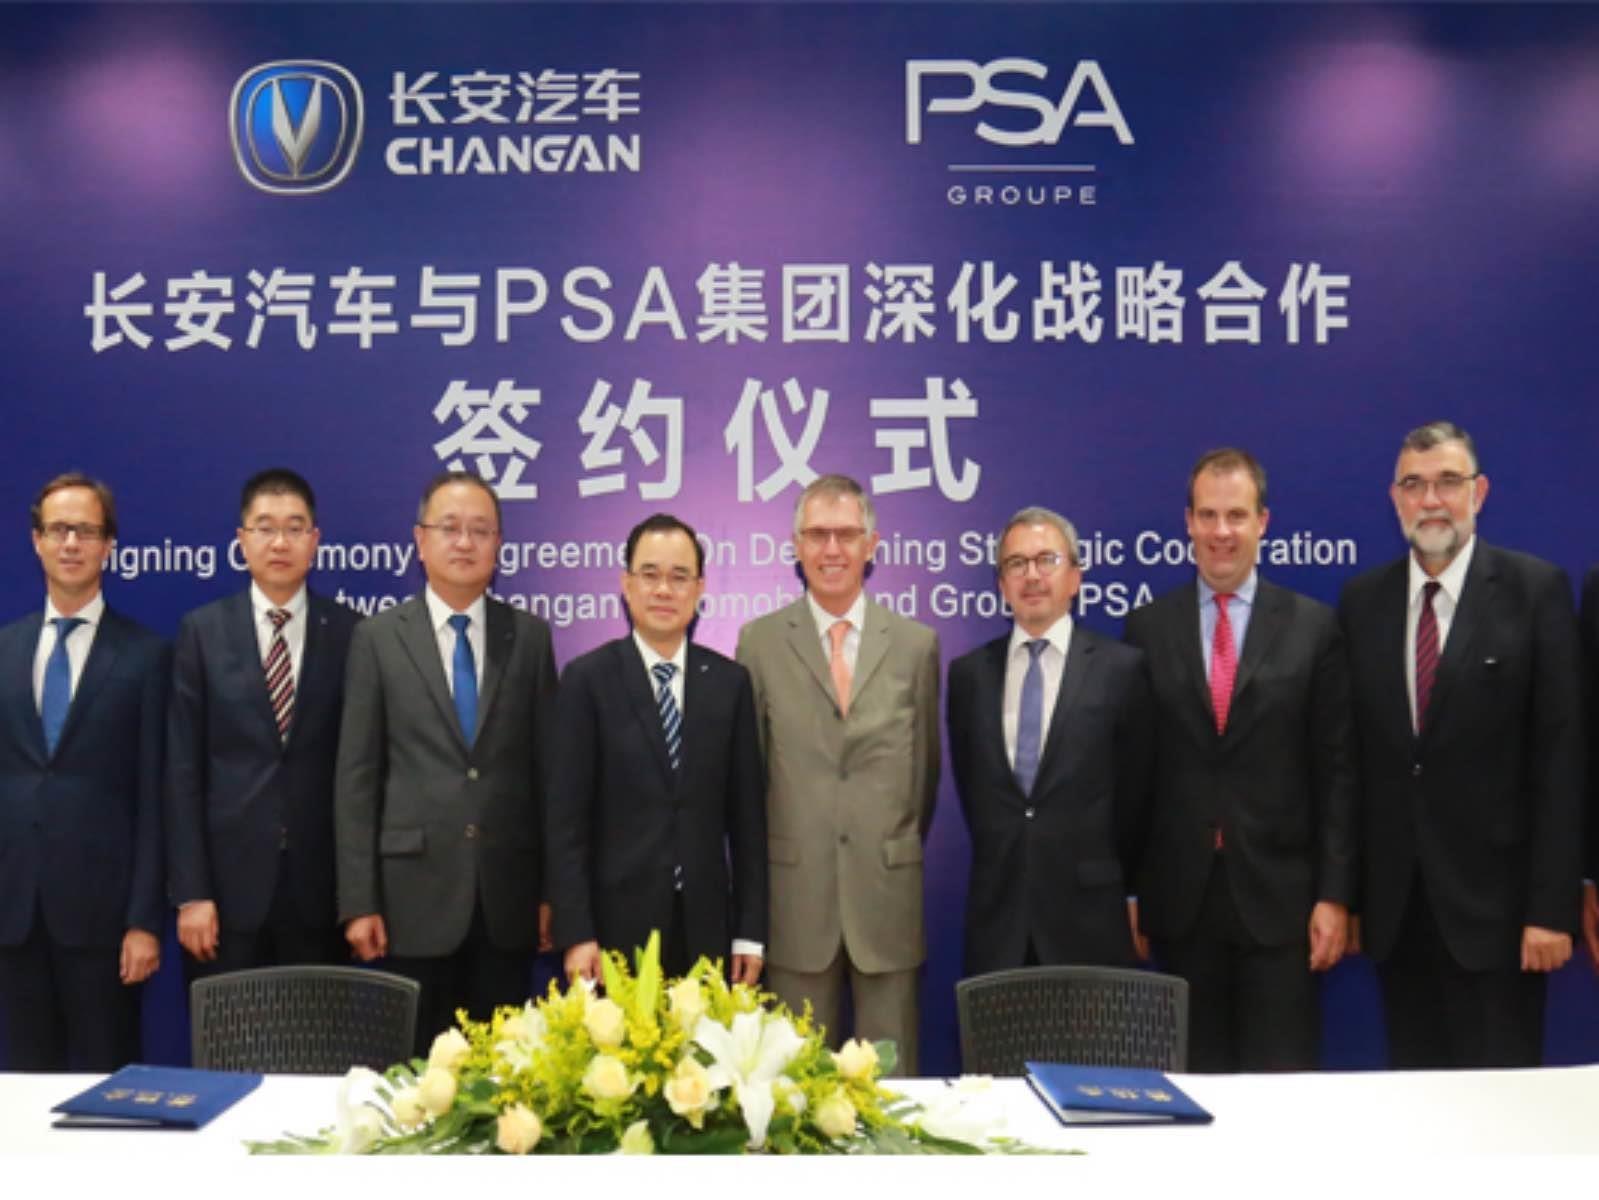 PSA tendrá una nueva pick-up en China